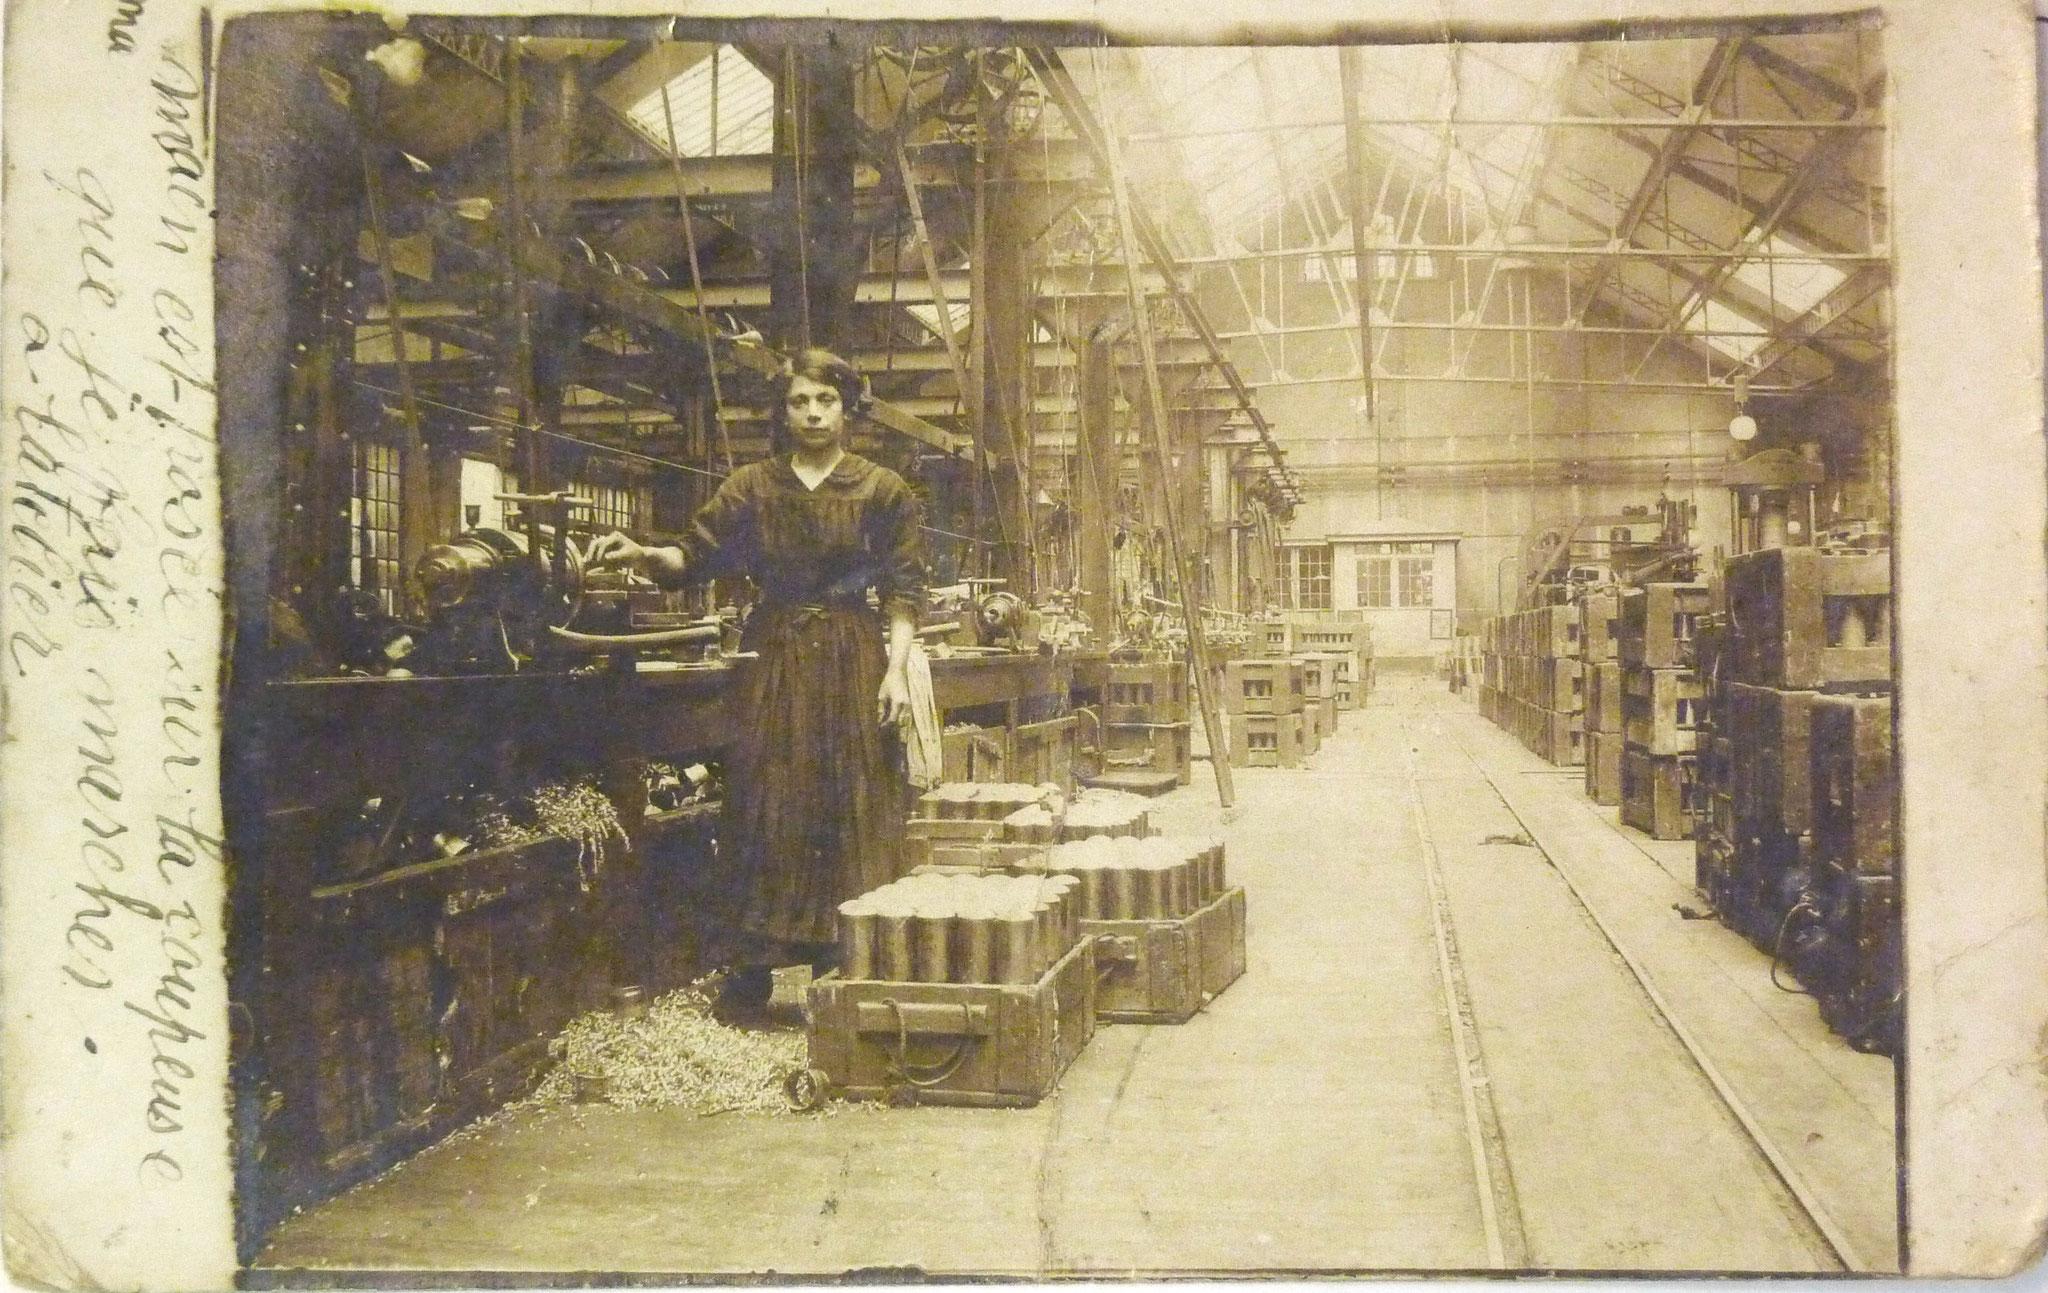 L'usine 1917